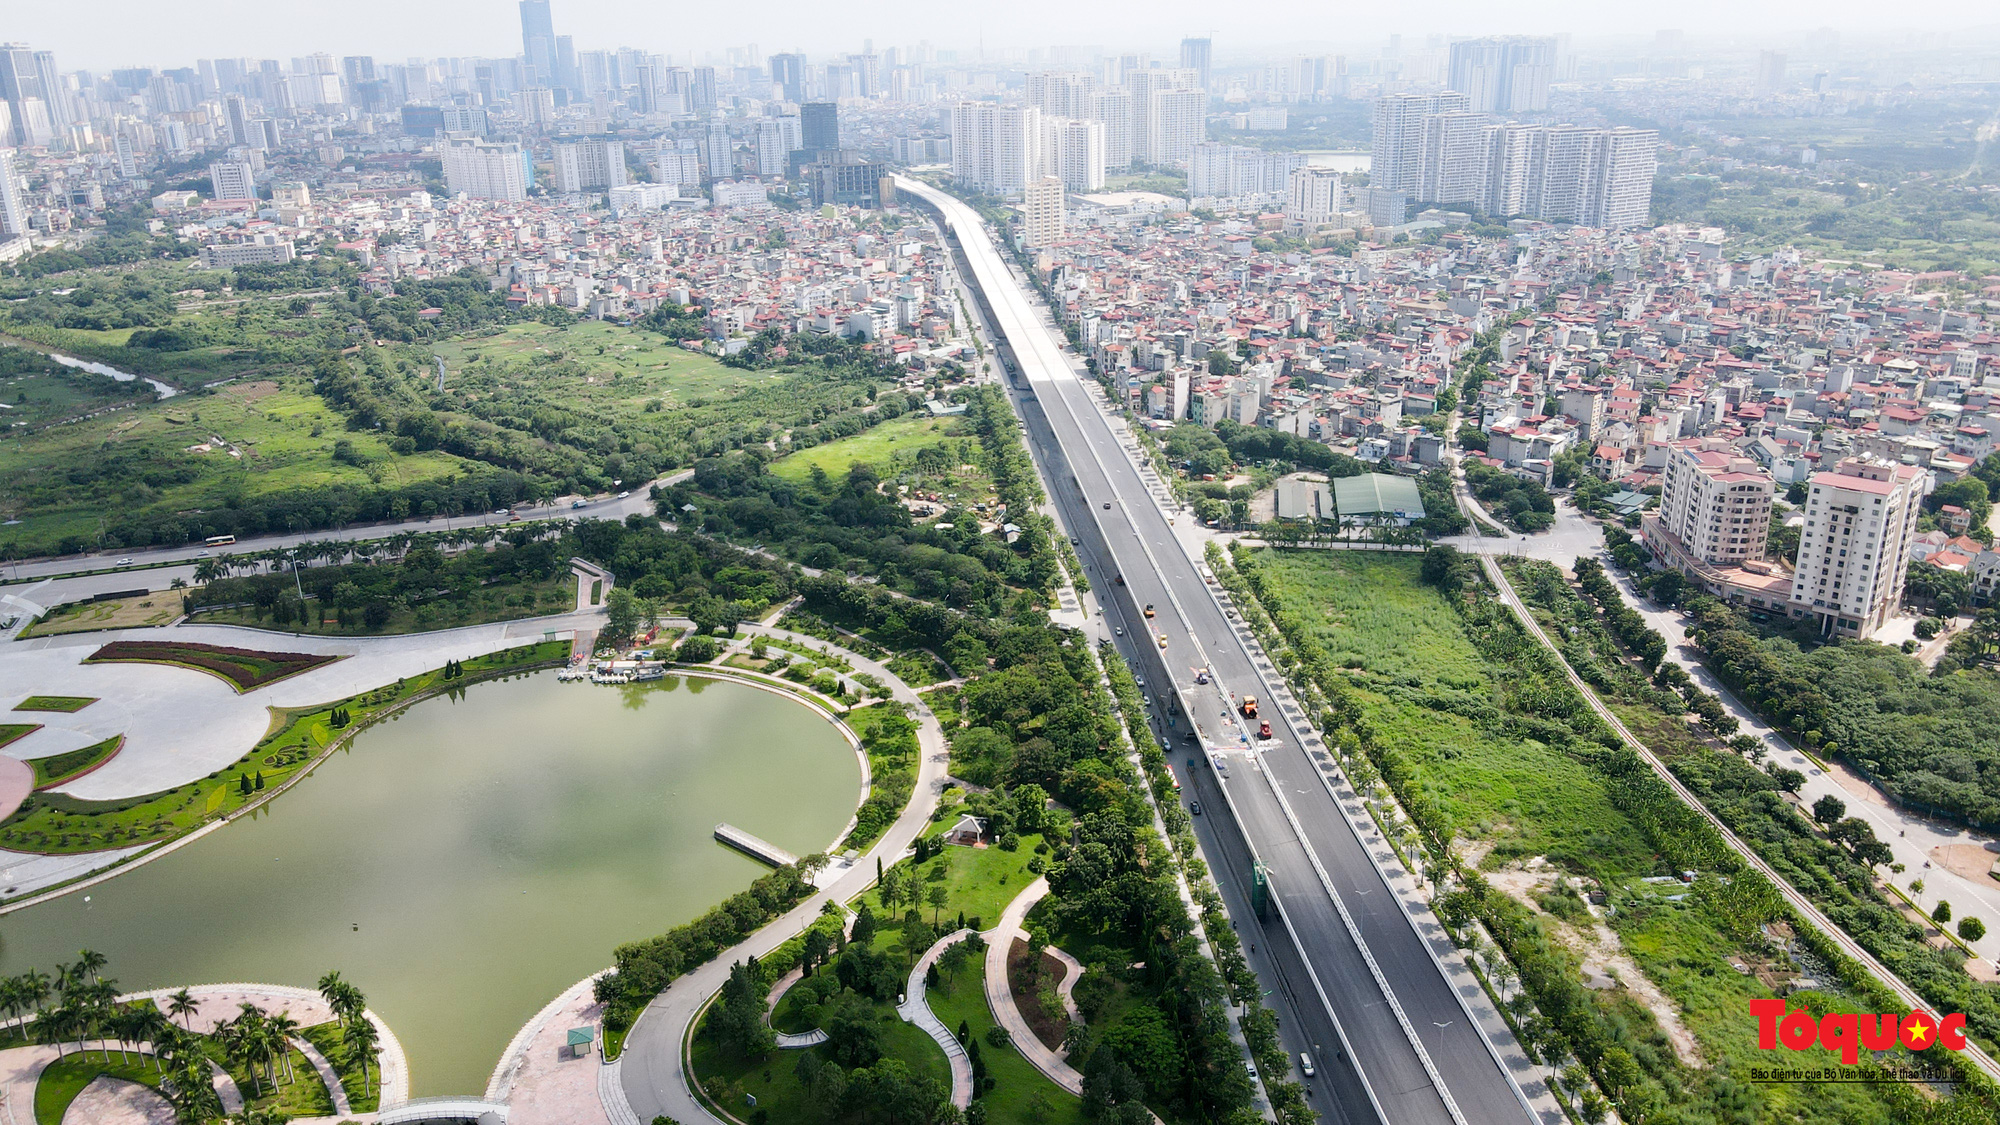 Dấu ấn những công trình giao thông tạo nên diện mạo mới cho Thủ đô Hà Nội năm 2020 - Ảnh 1.